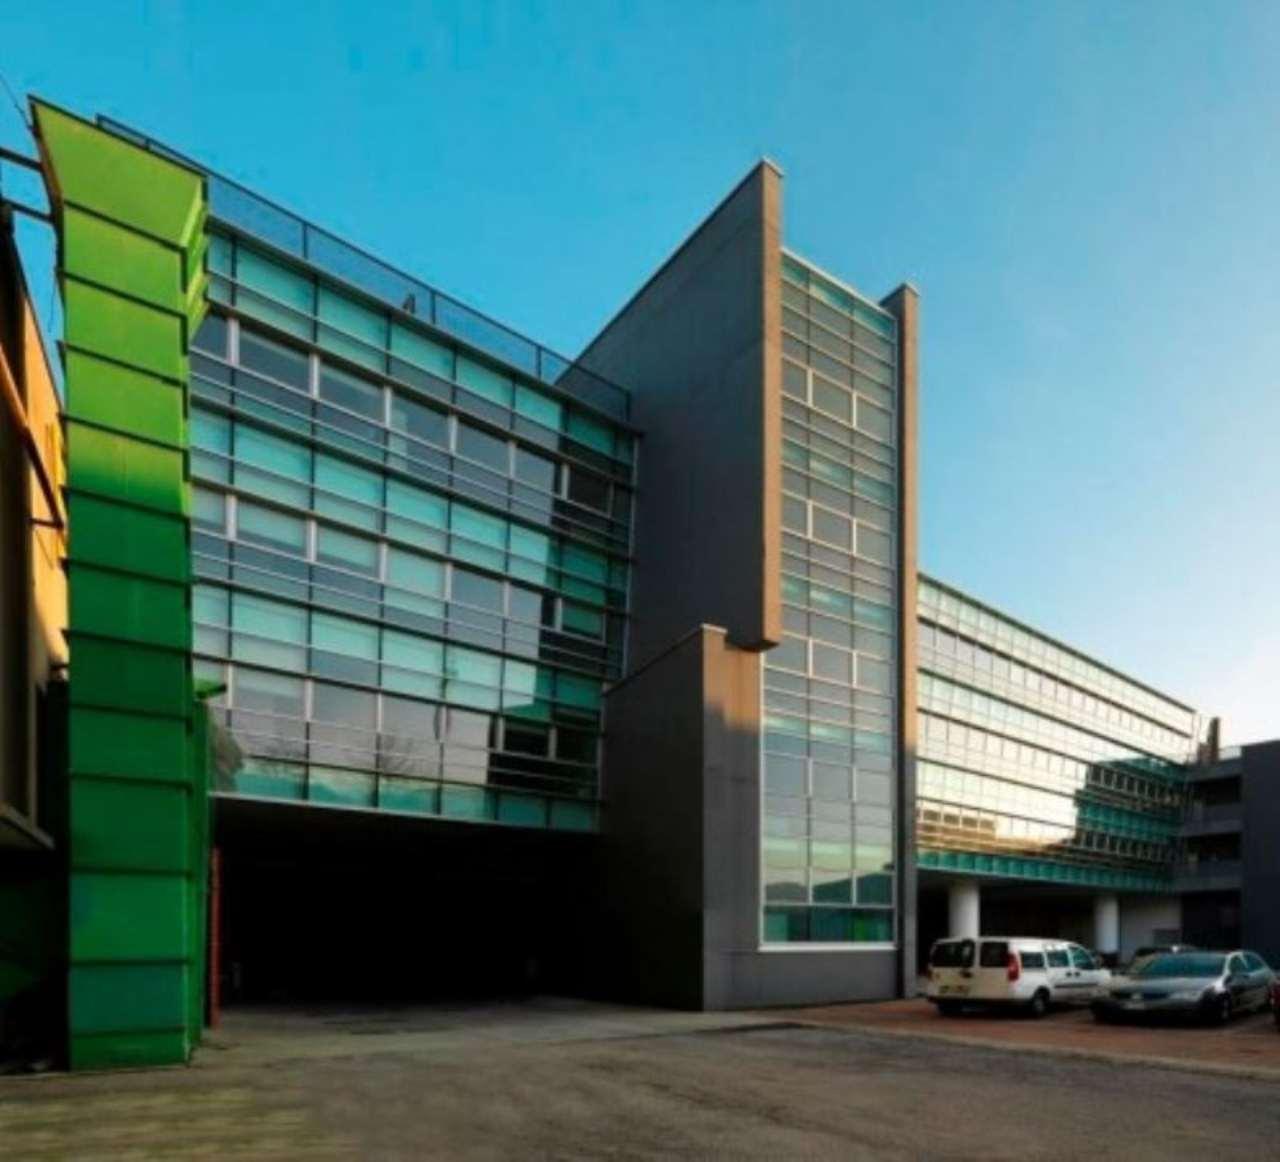 Ufficio / Studio in affitto a Schio, 6 locali, Trattative riservate | Cambio Casa.it